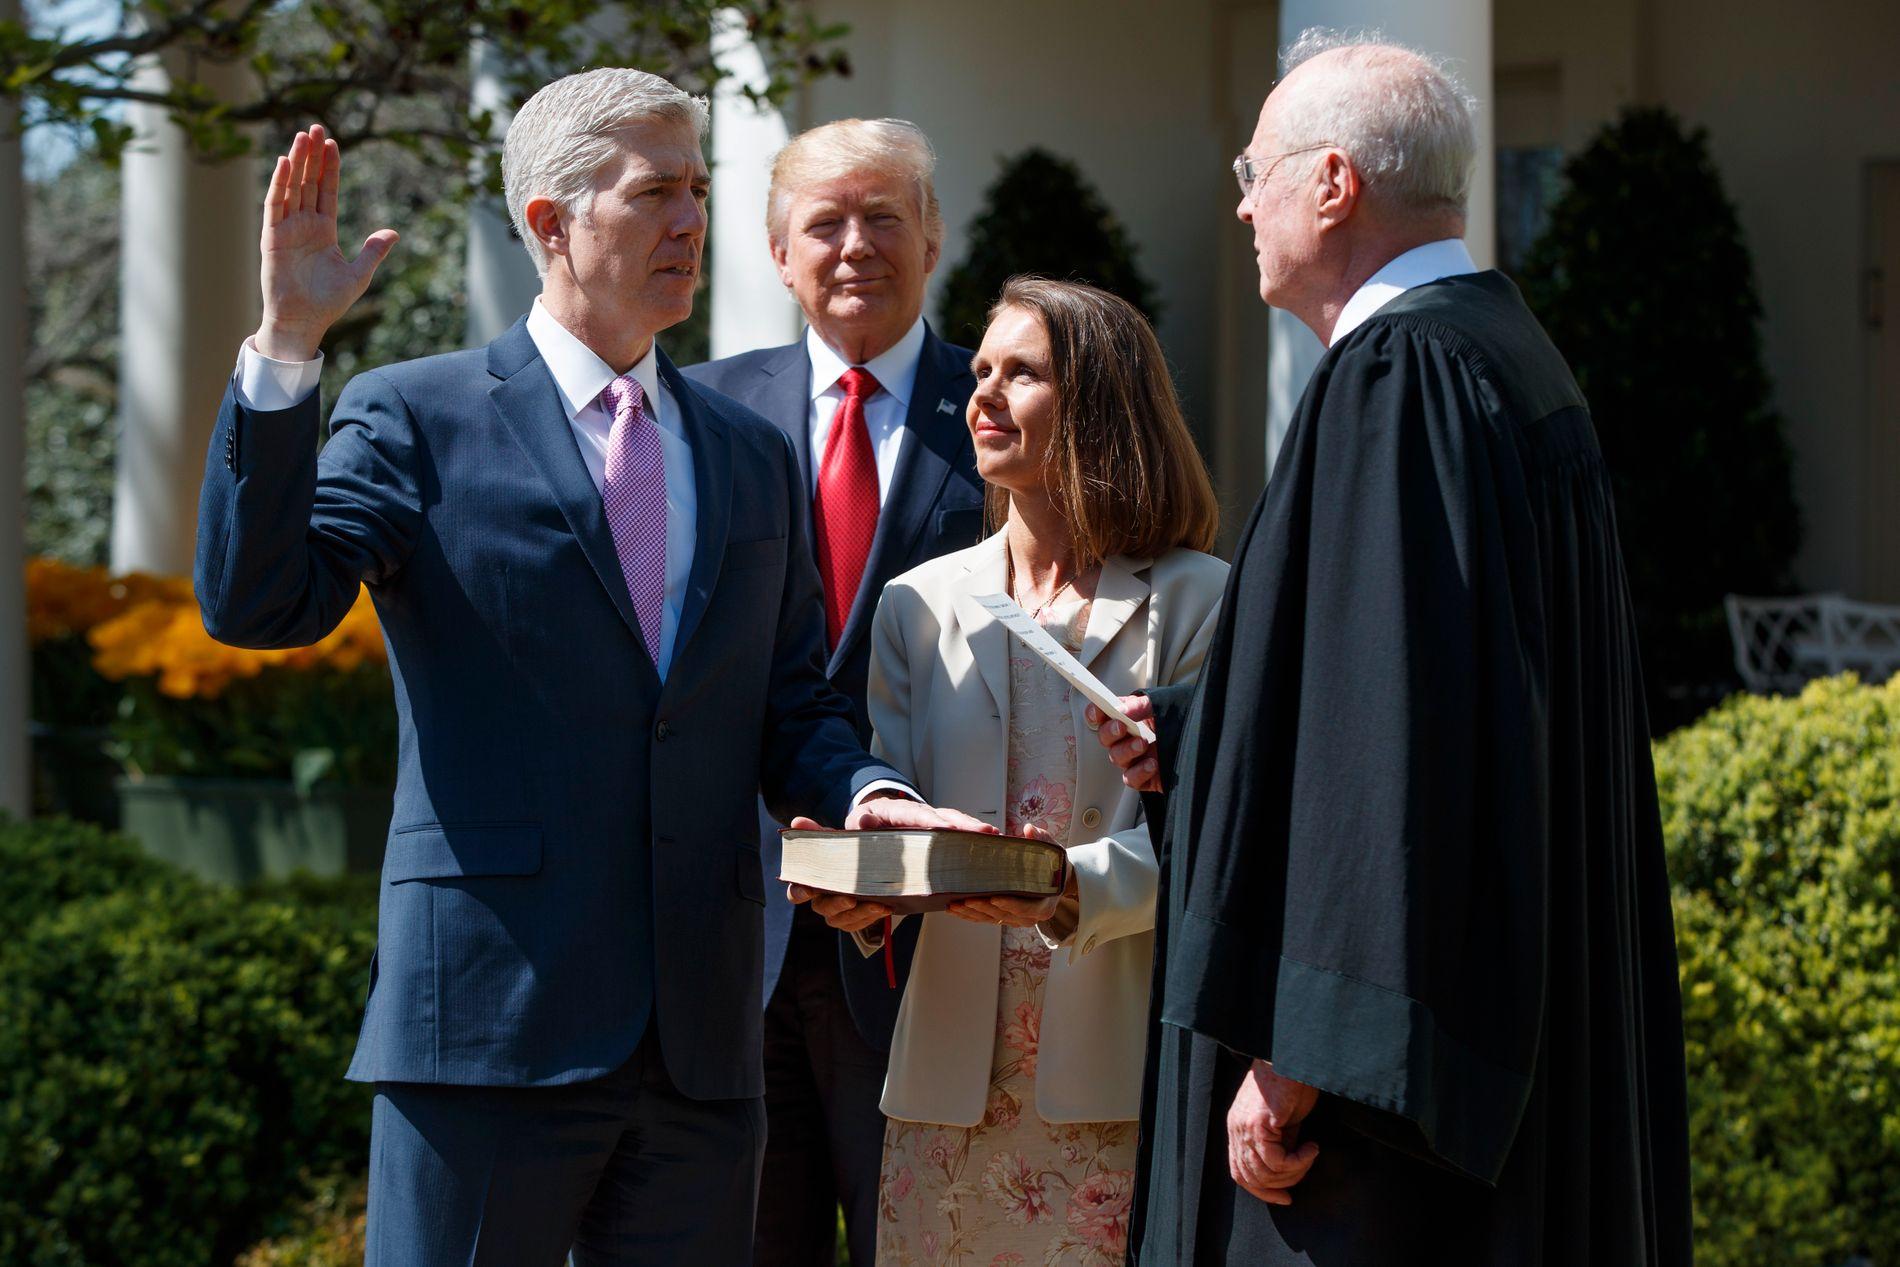 TATT I ED: Neil Gorsuch (t.v) ble mandag tatt i ed som ny høyesterettsdommer i USA av høyesterettsjustitiarius Anthony Kennedy (t.h.). Gorsuchs ektefelle Marie og president Donald Trump bivånet seremonien.